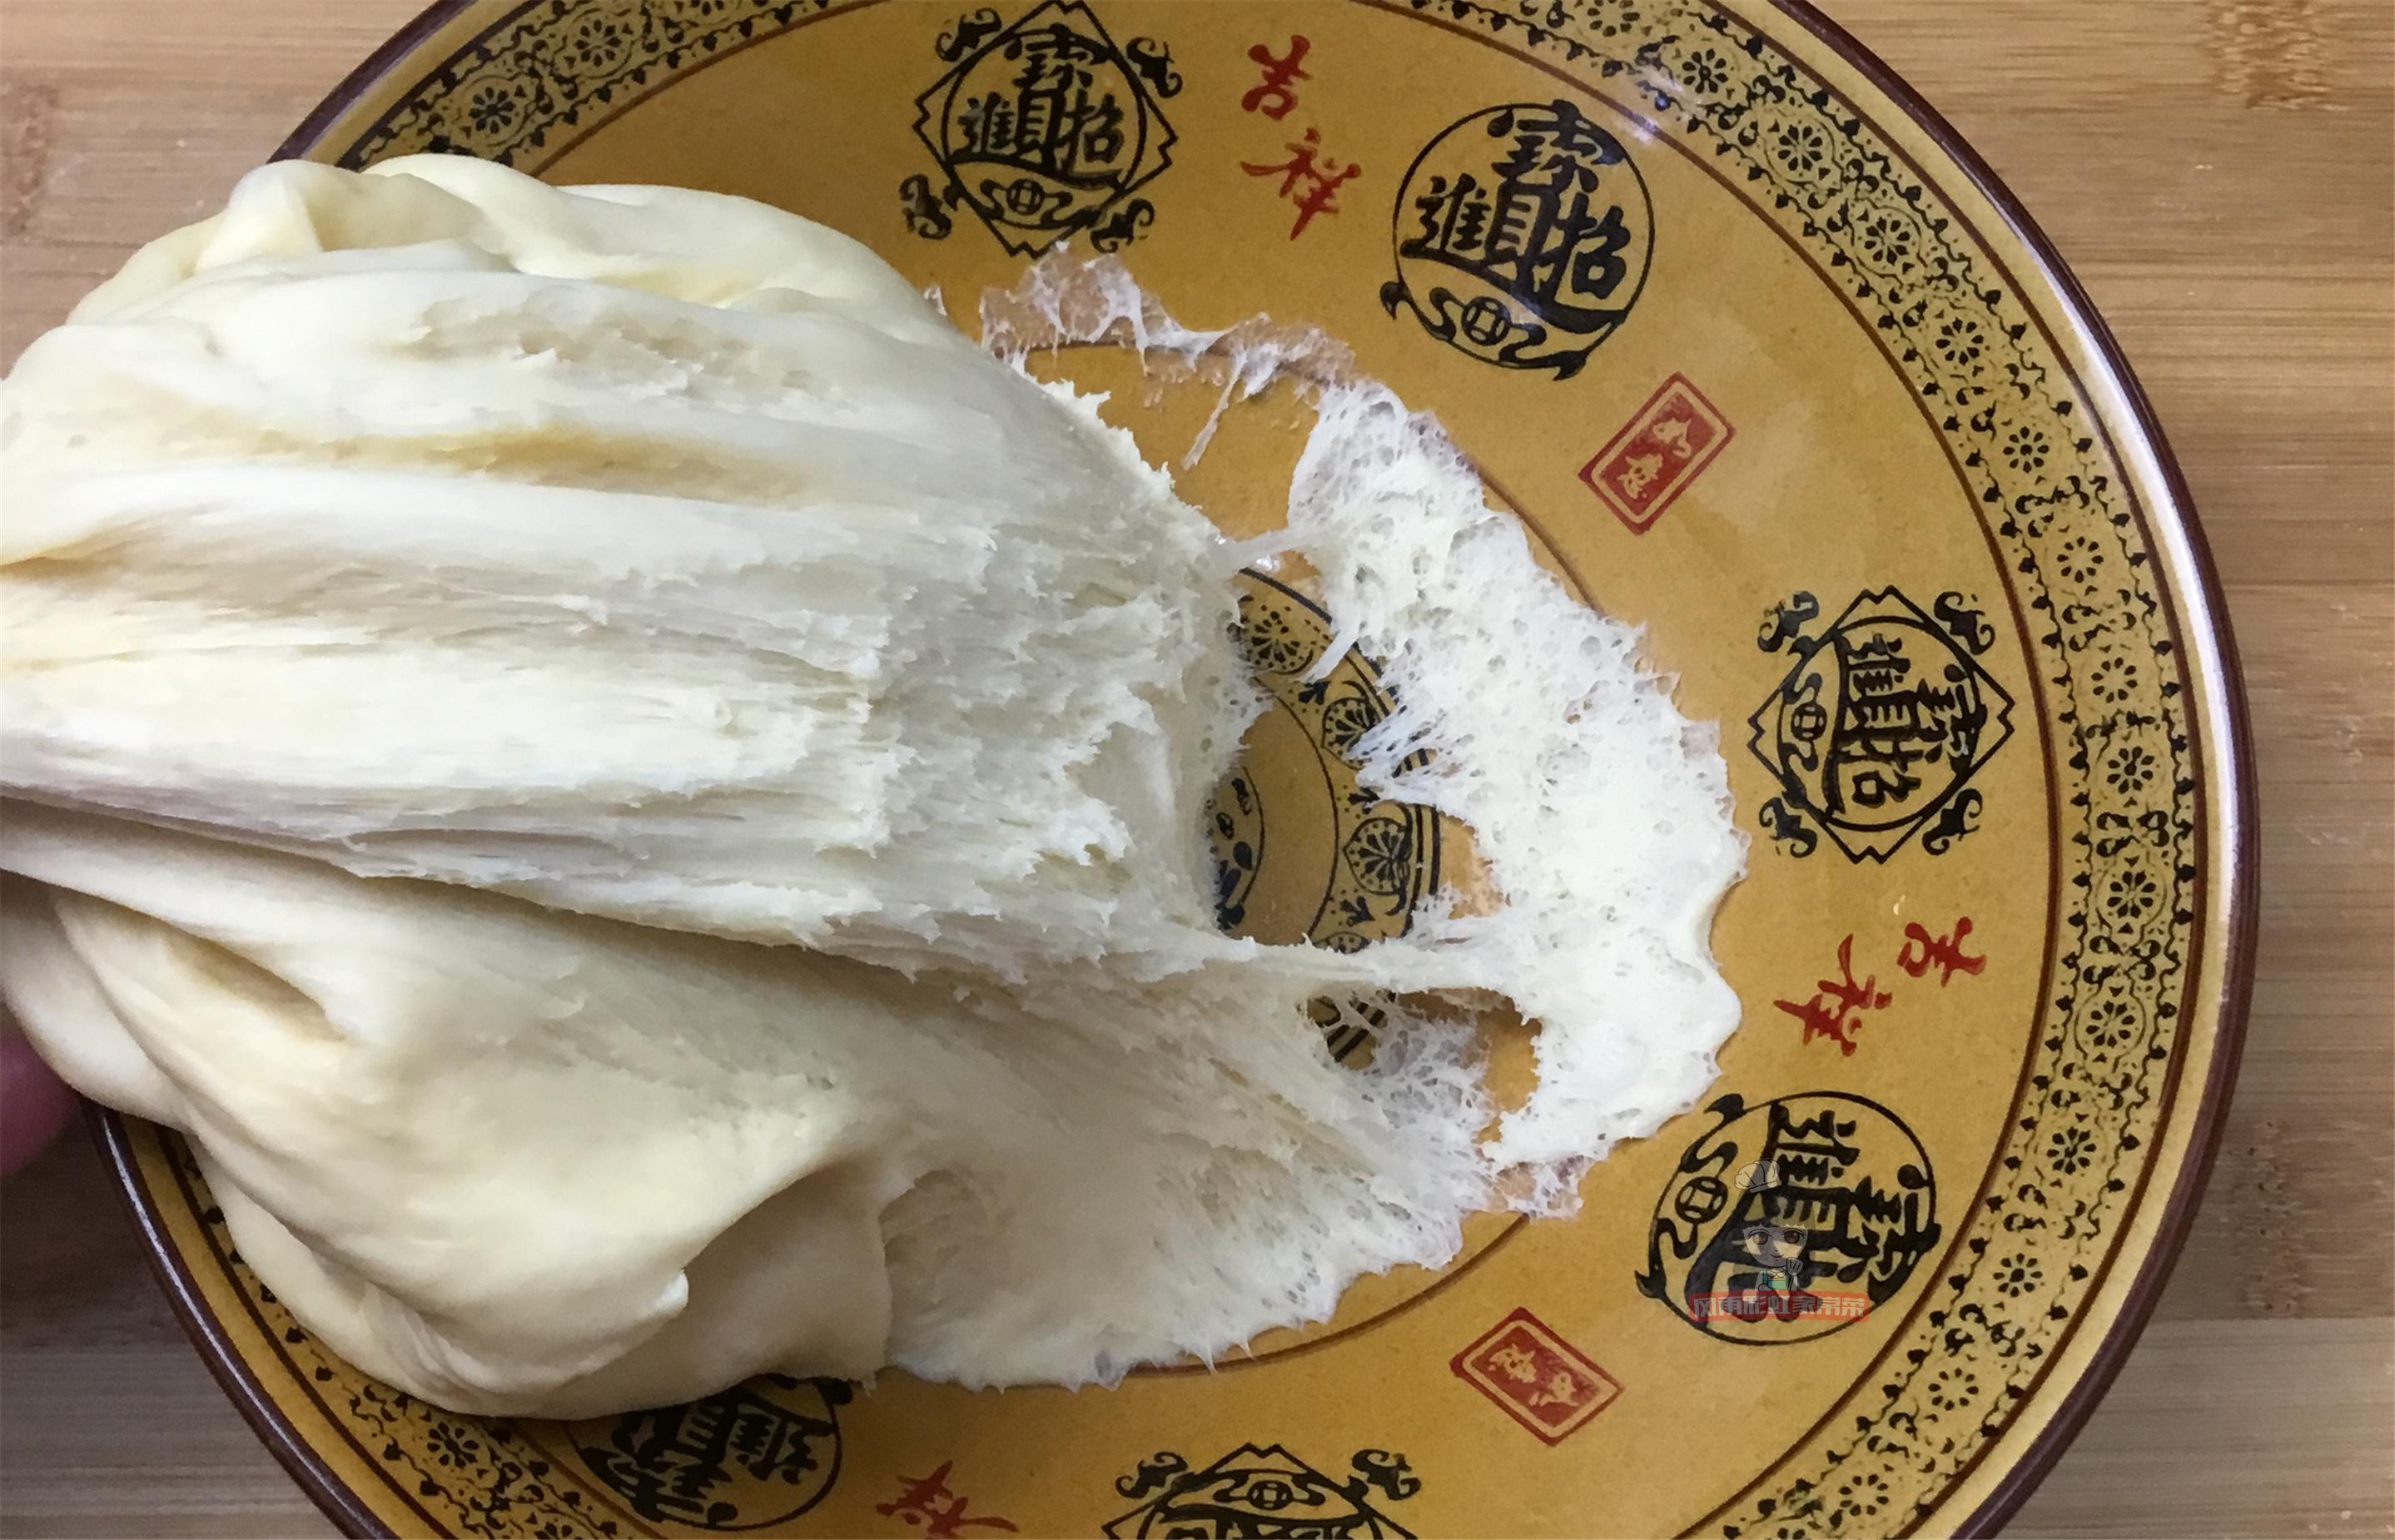 一碗麵粉,一包牛奶,掌握2個小技巧,在家也能做椰蓉小麵包